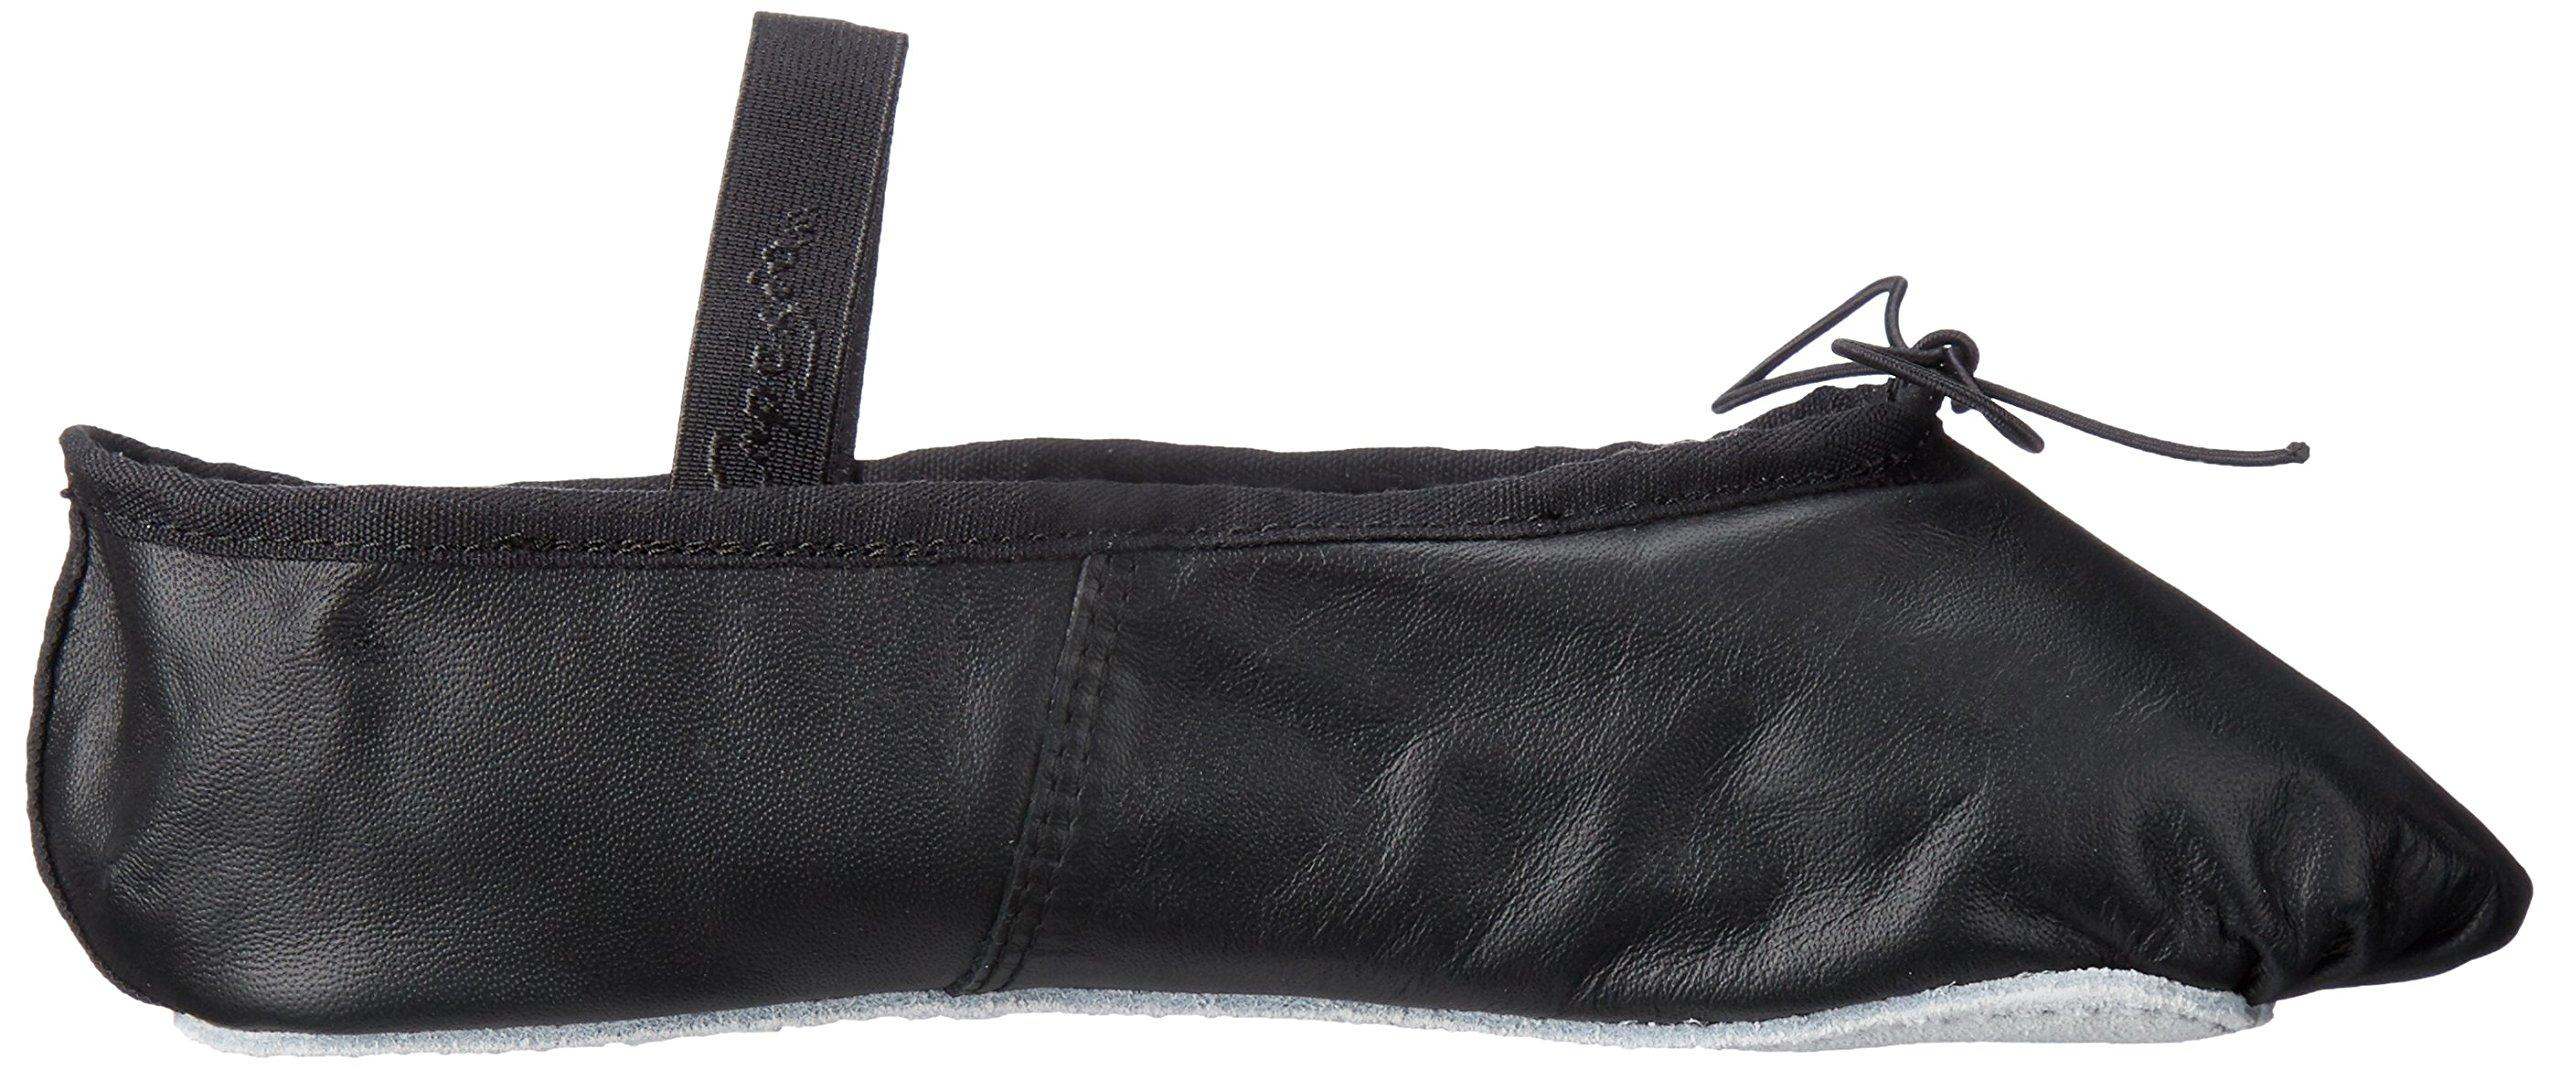 Capezio Daisy 205 Ballet Shoe (Toddler/Little Kid),Black,10 M US Little Kid by Capezio (Image #8)